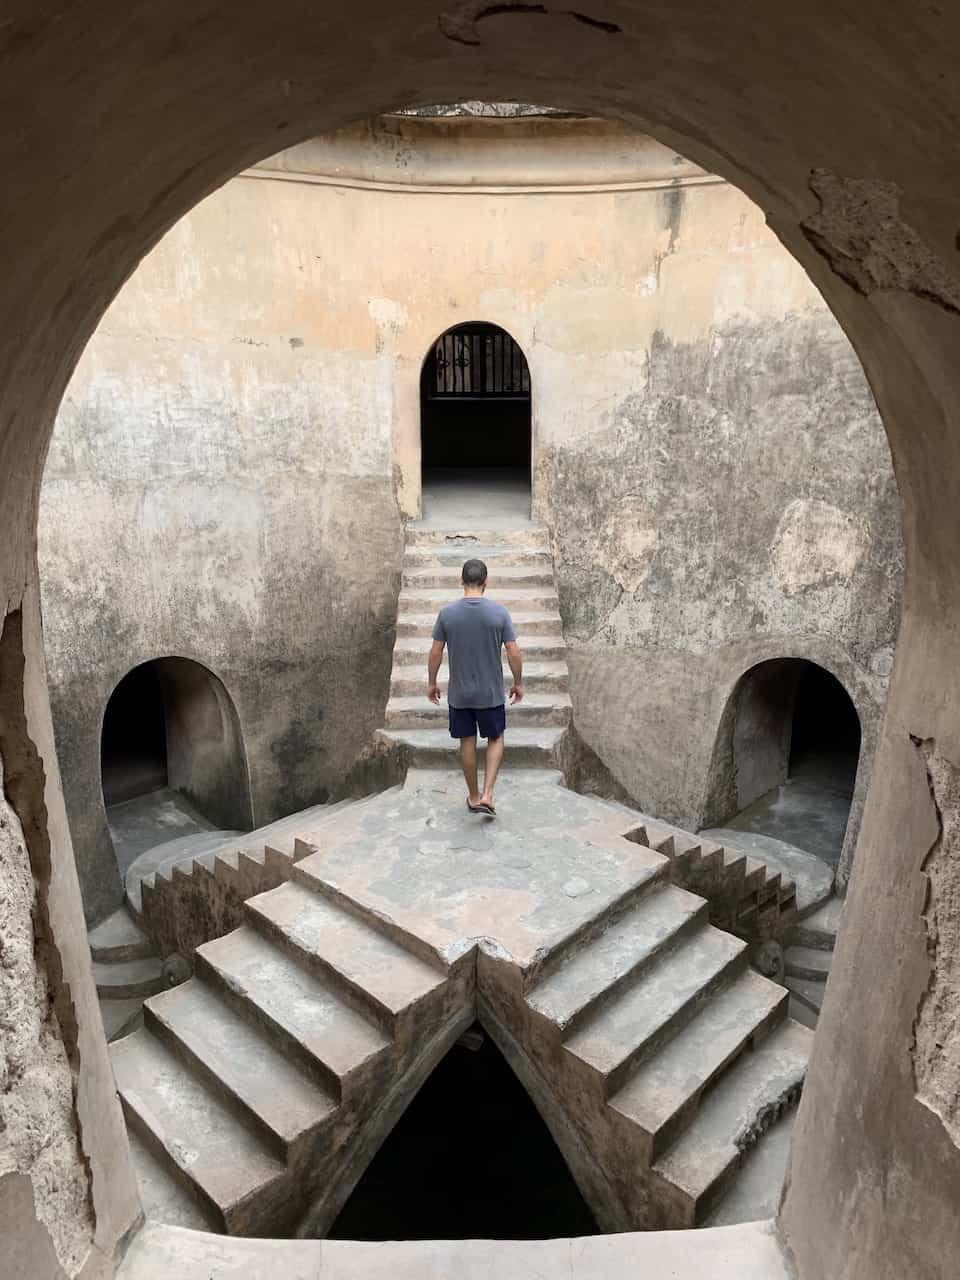 Sumur Gumuling Underground Mosque